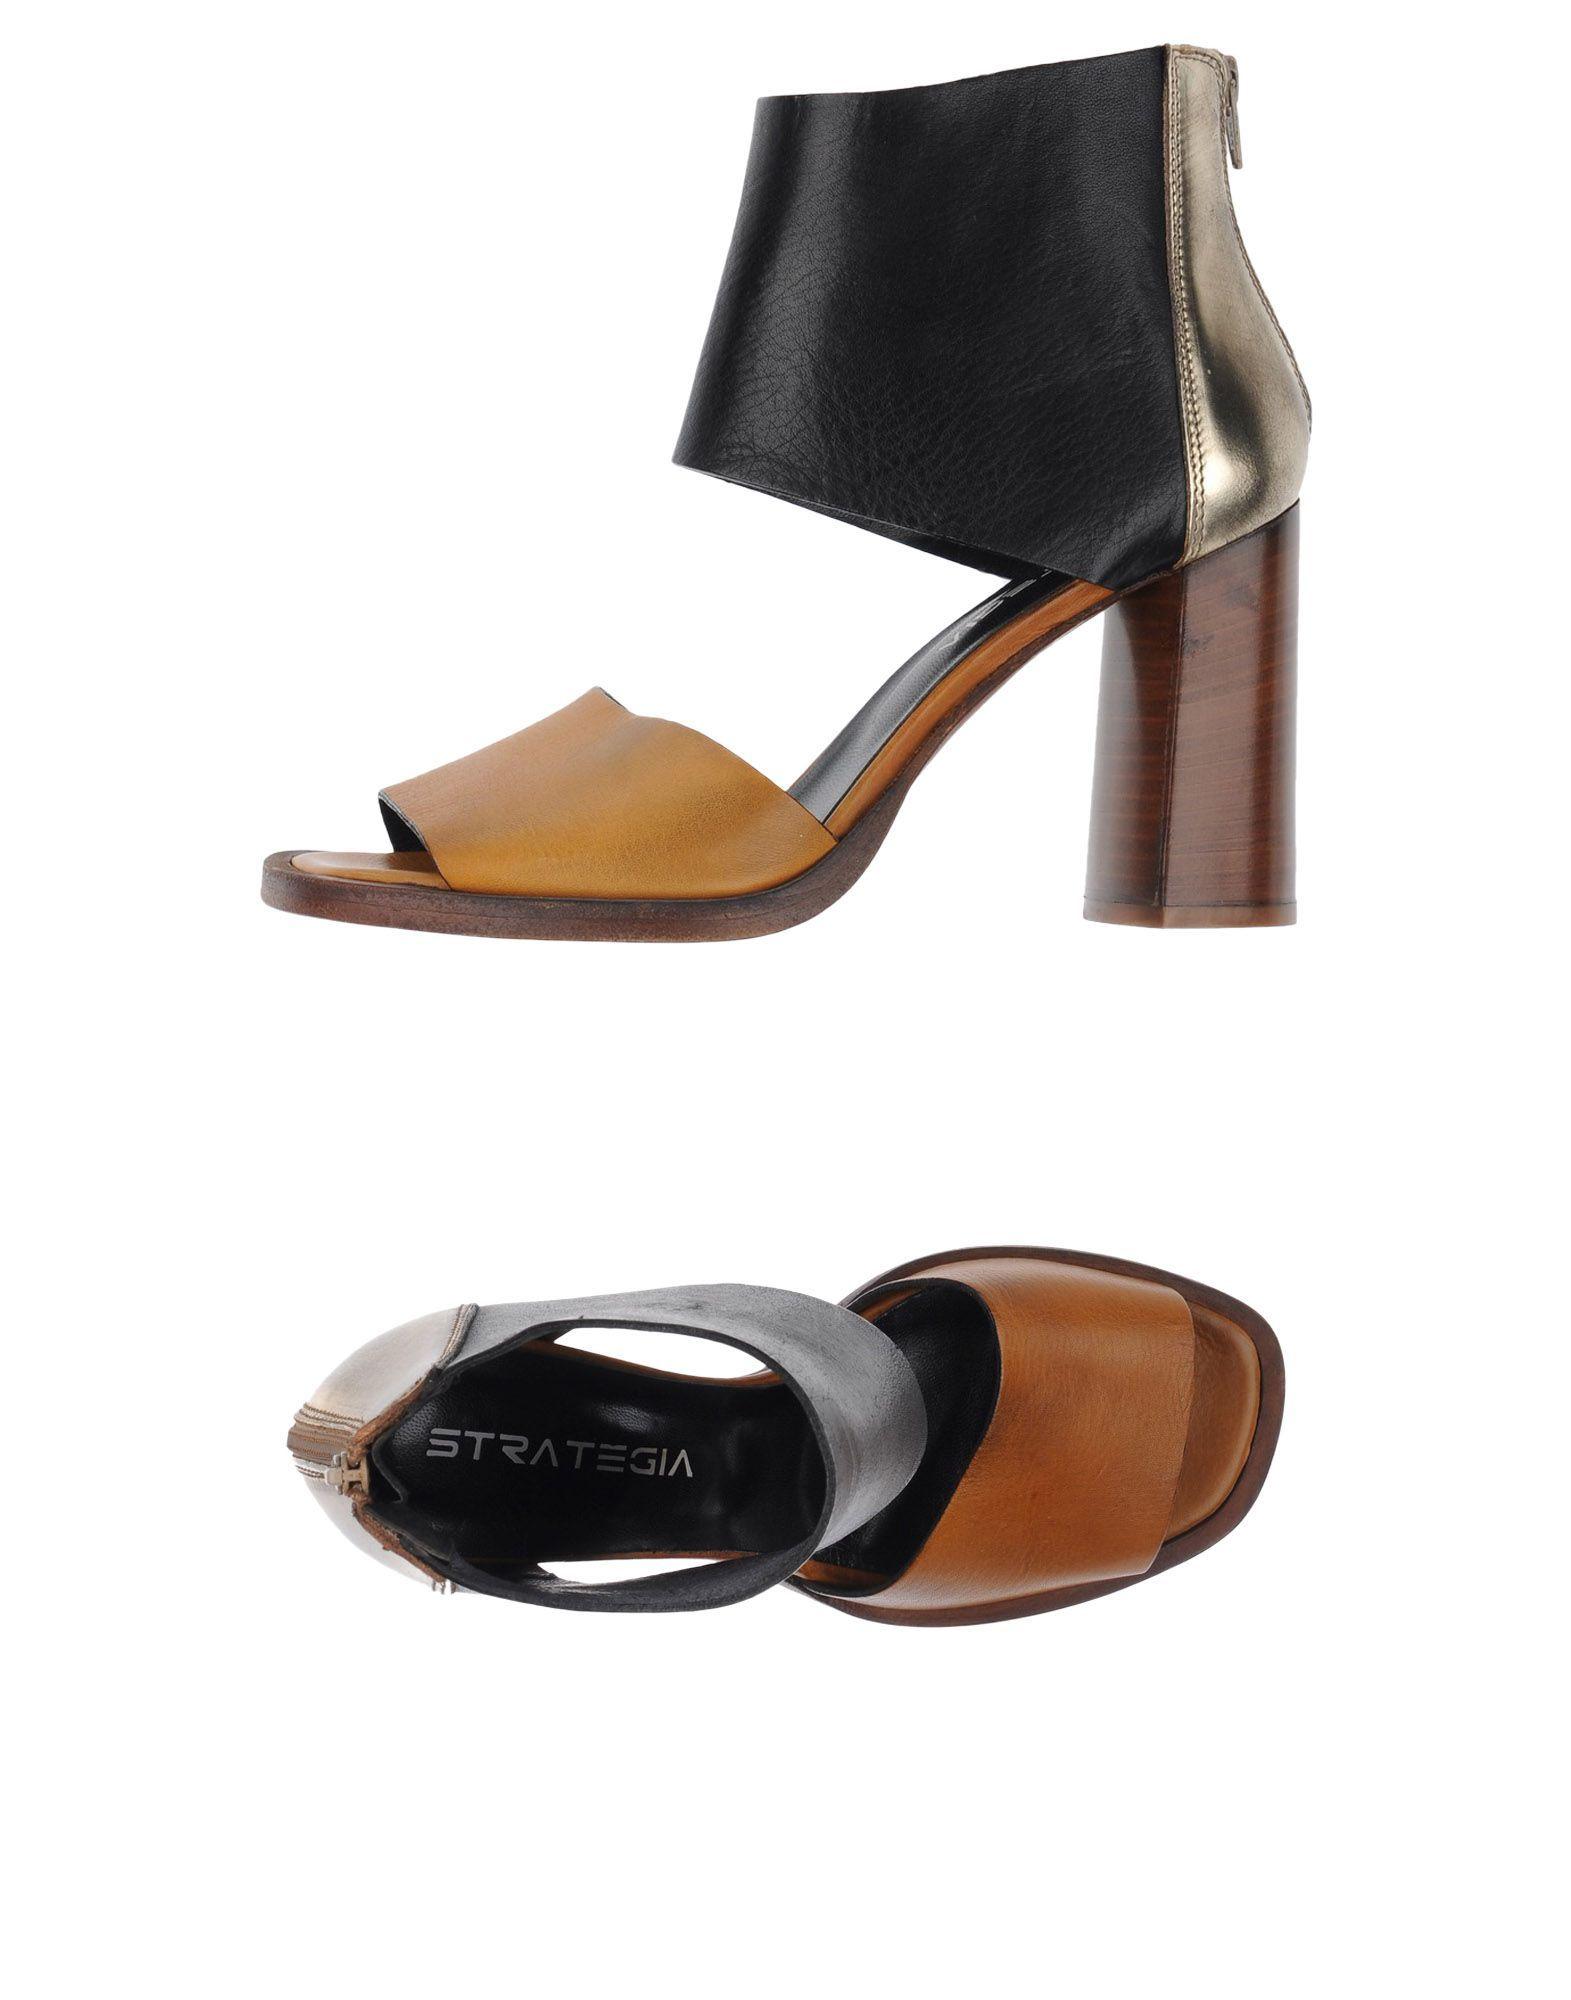 FOOTWEAR Strategia Ochre Woman Leather